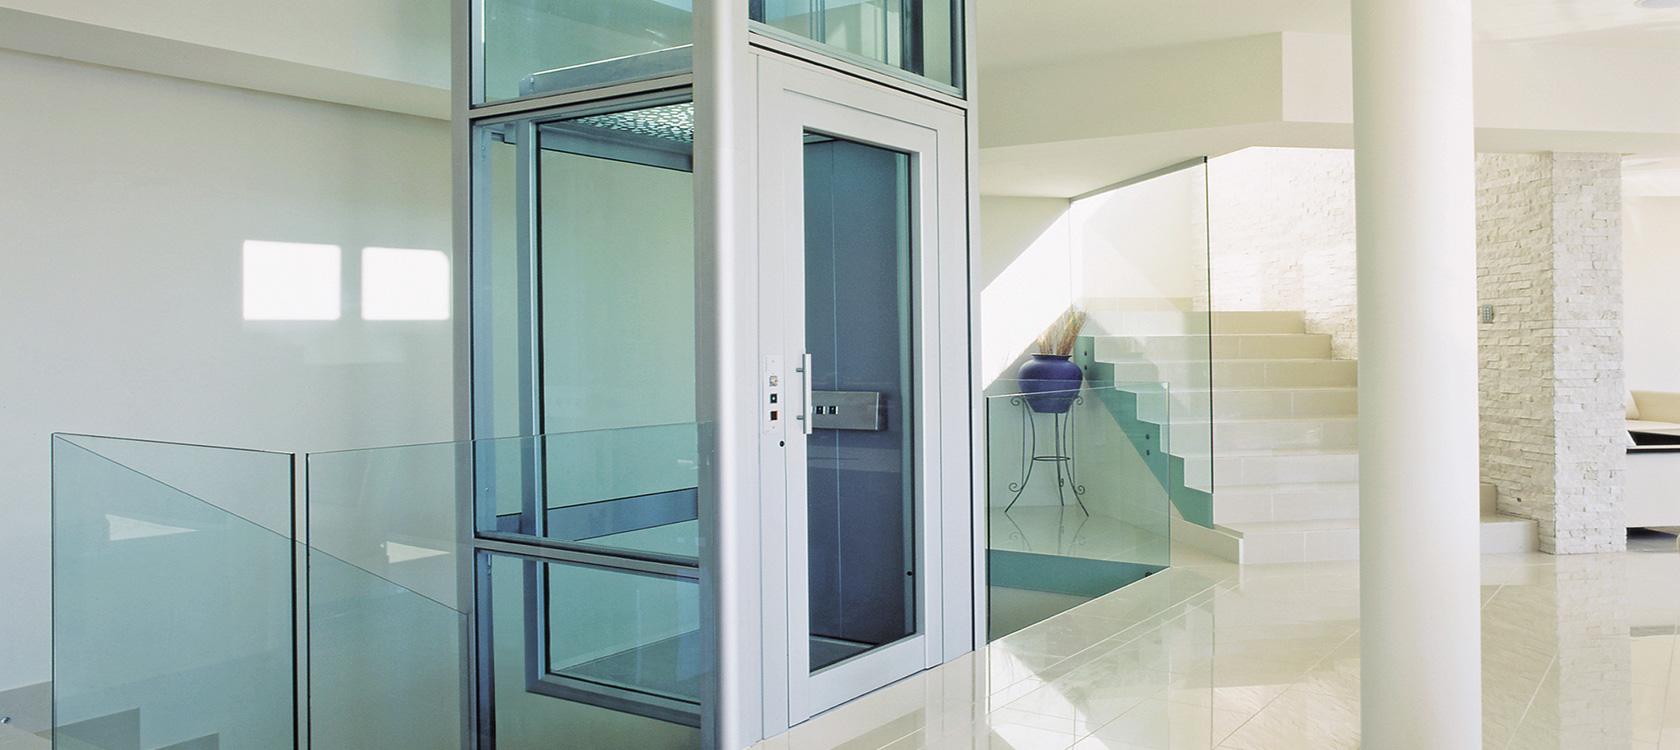 Comment moderniser un ascenseur